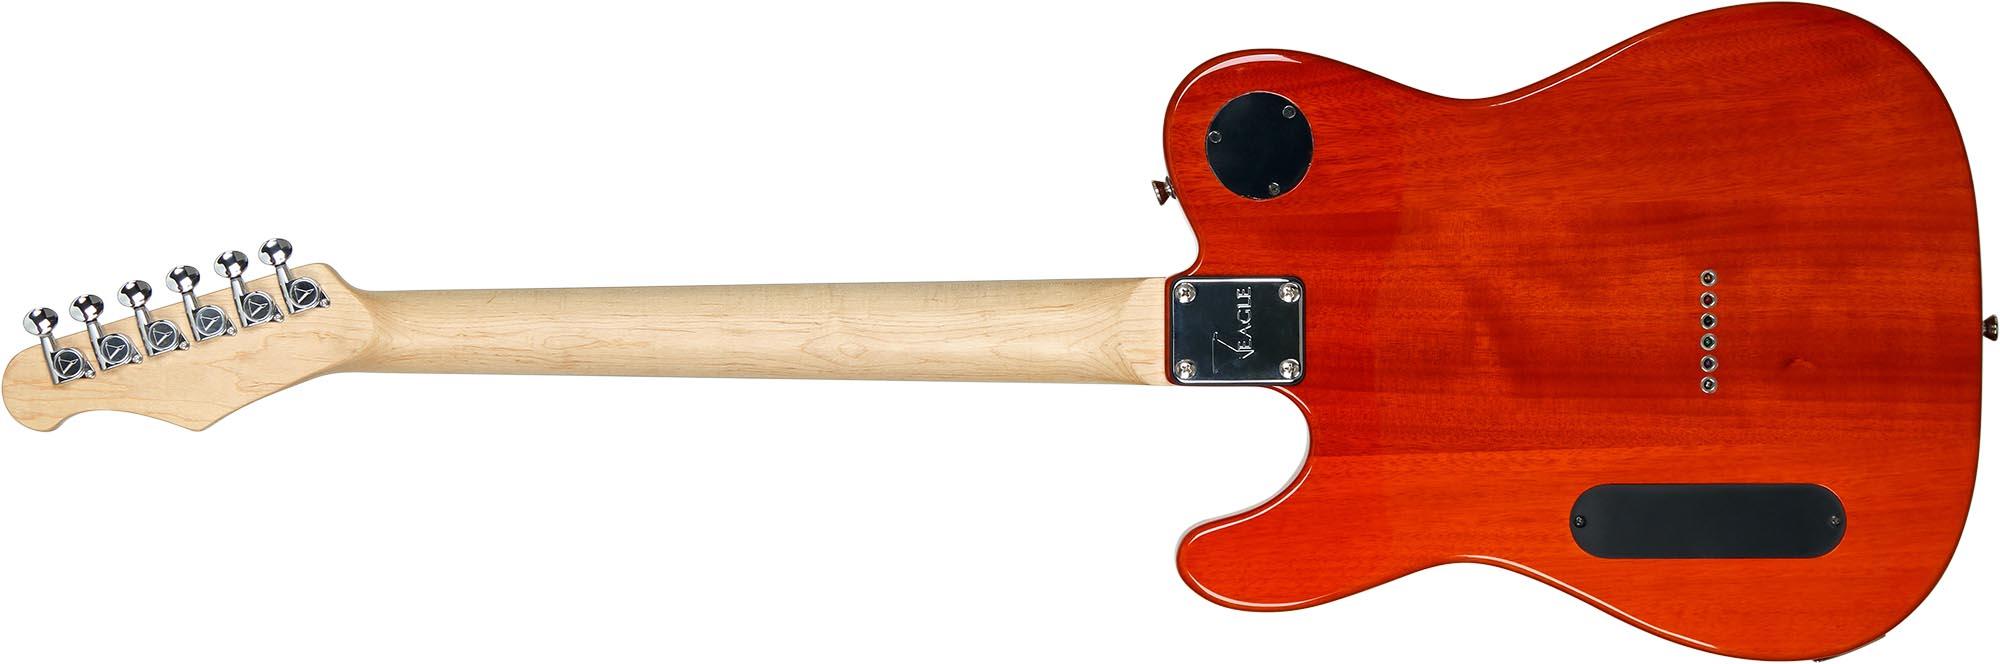 etl003 guitarra telecaster captador humbucker eagle etl003 visao posterior